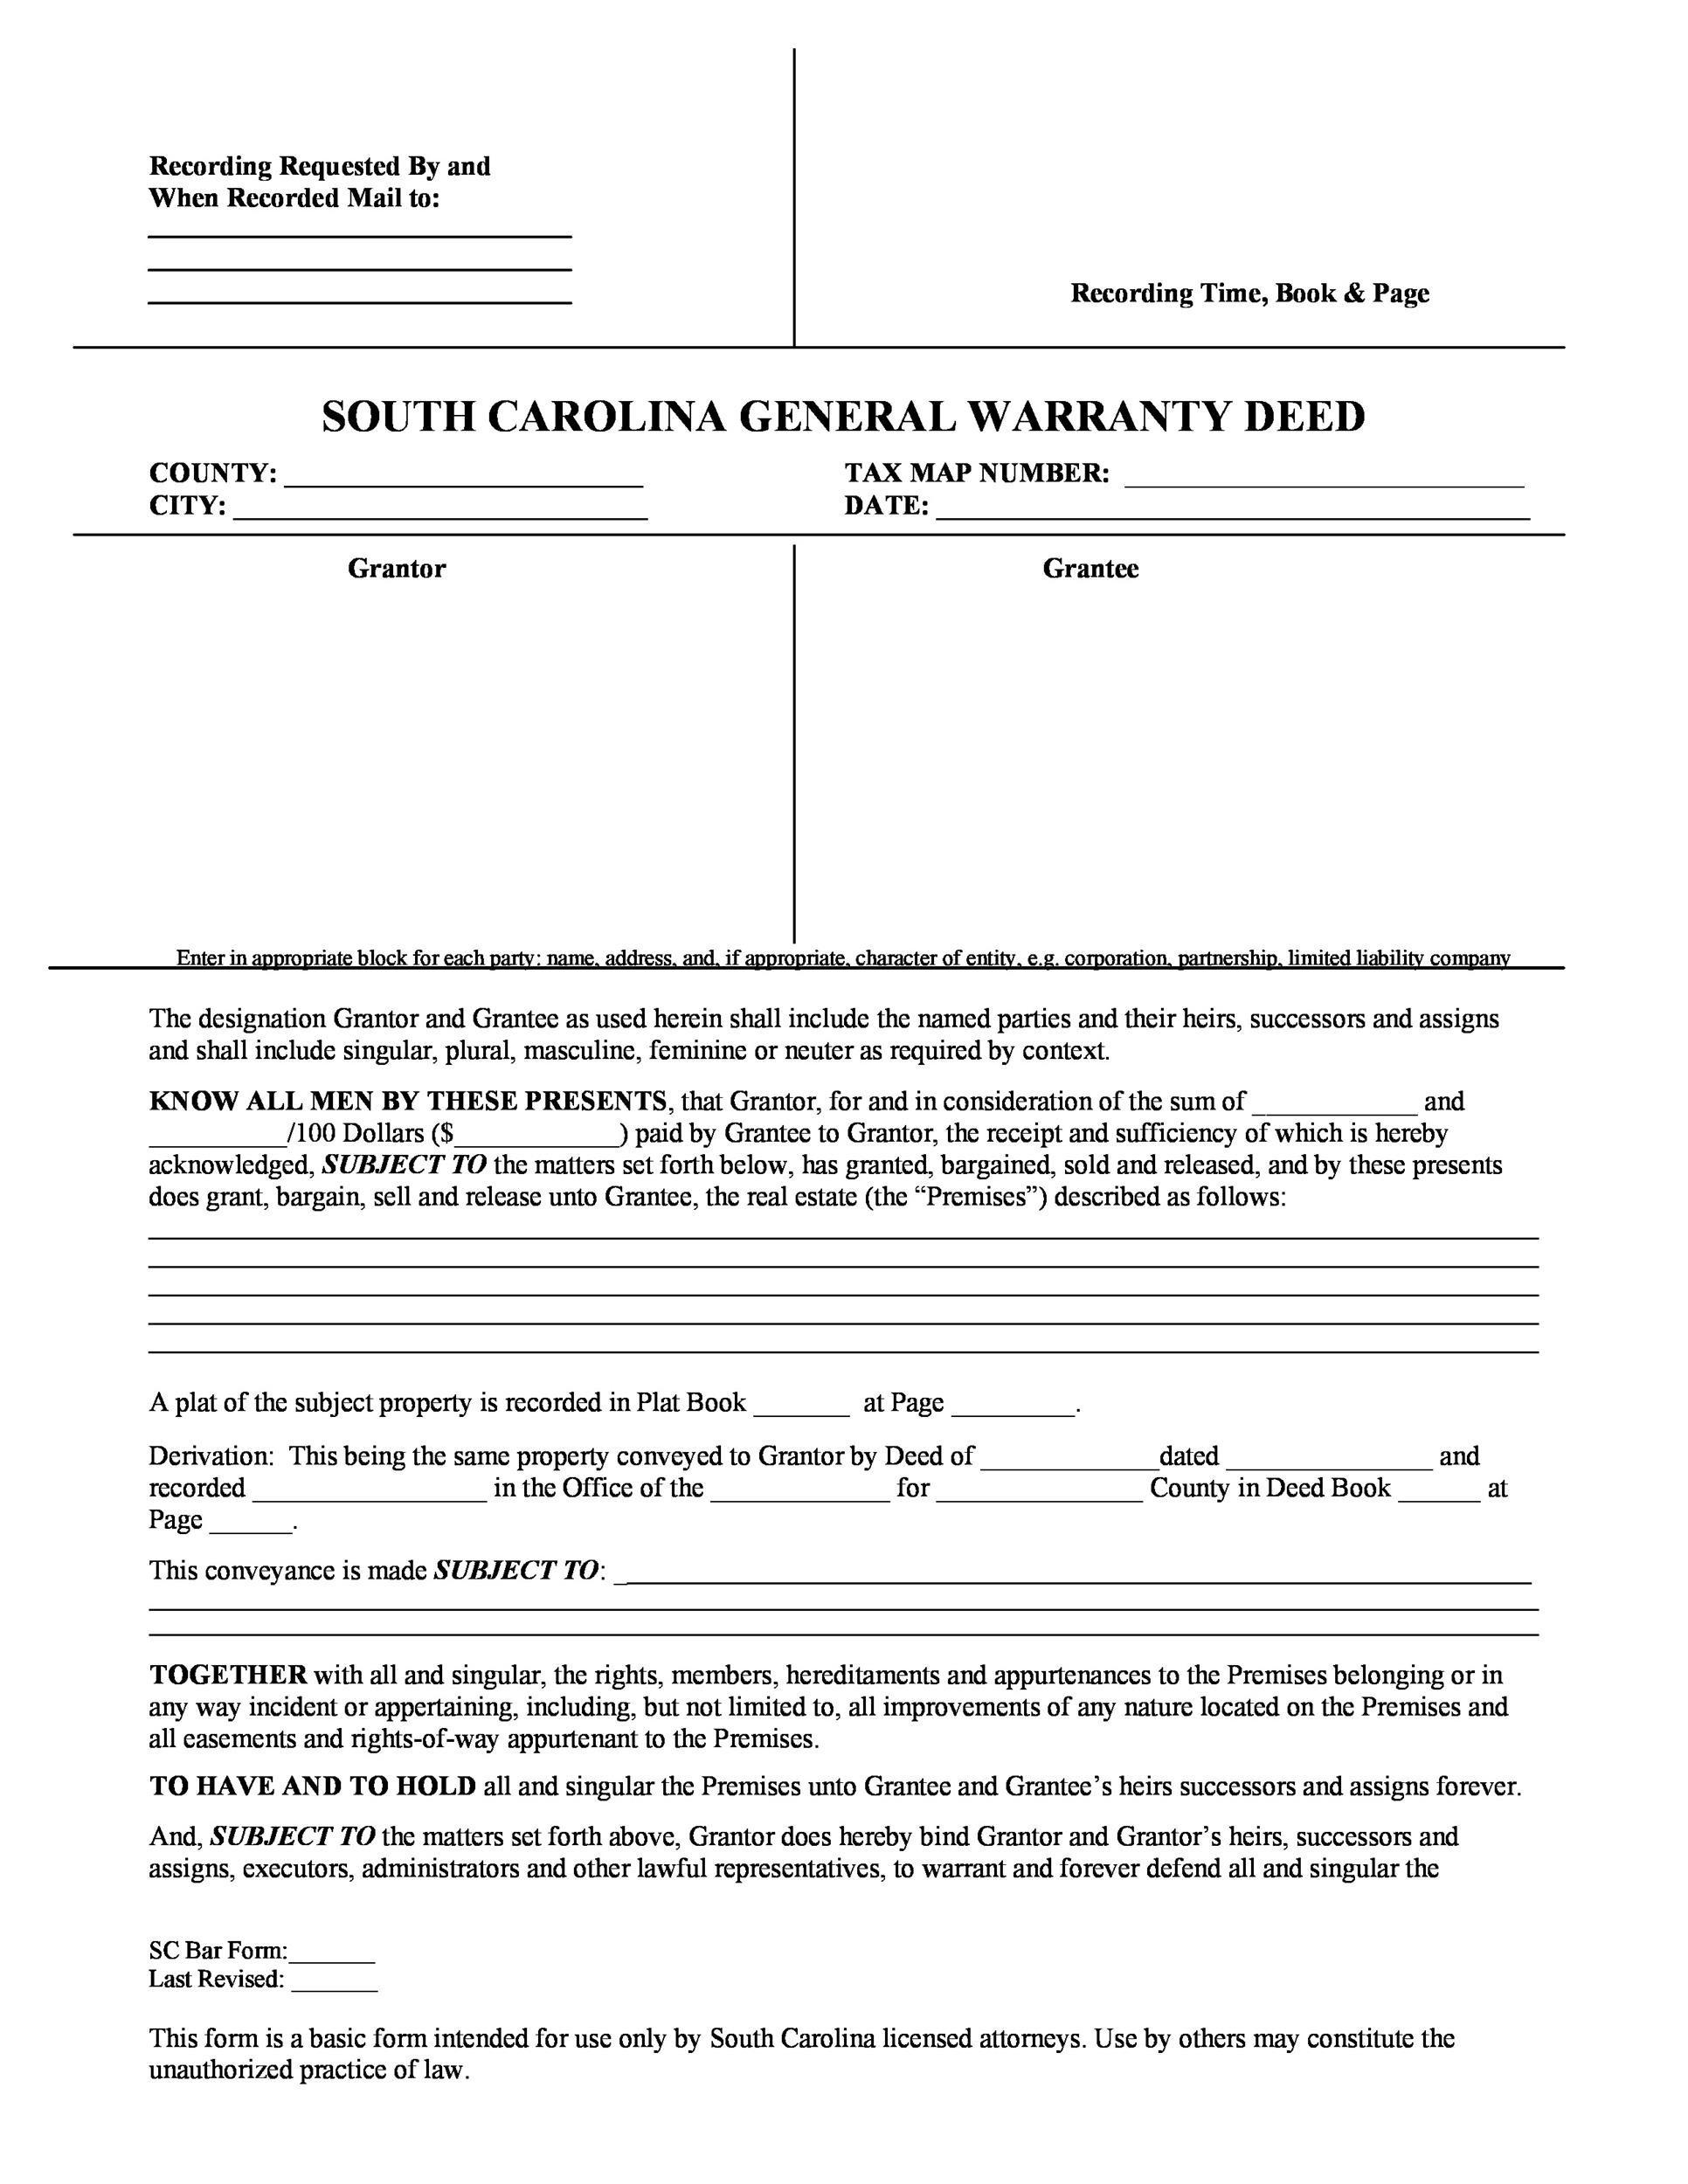 Free Warranty deed template 04